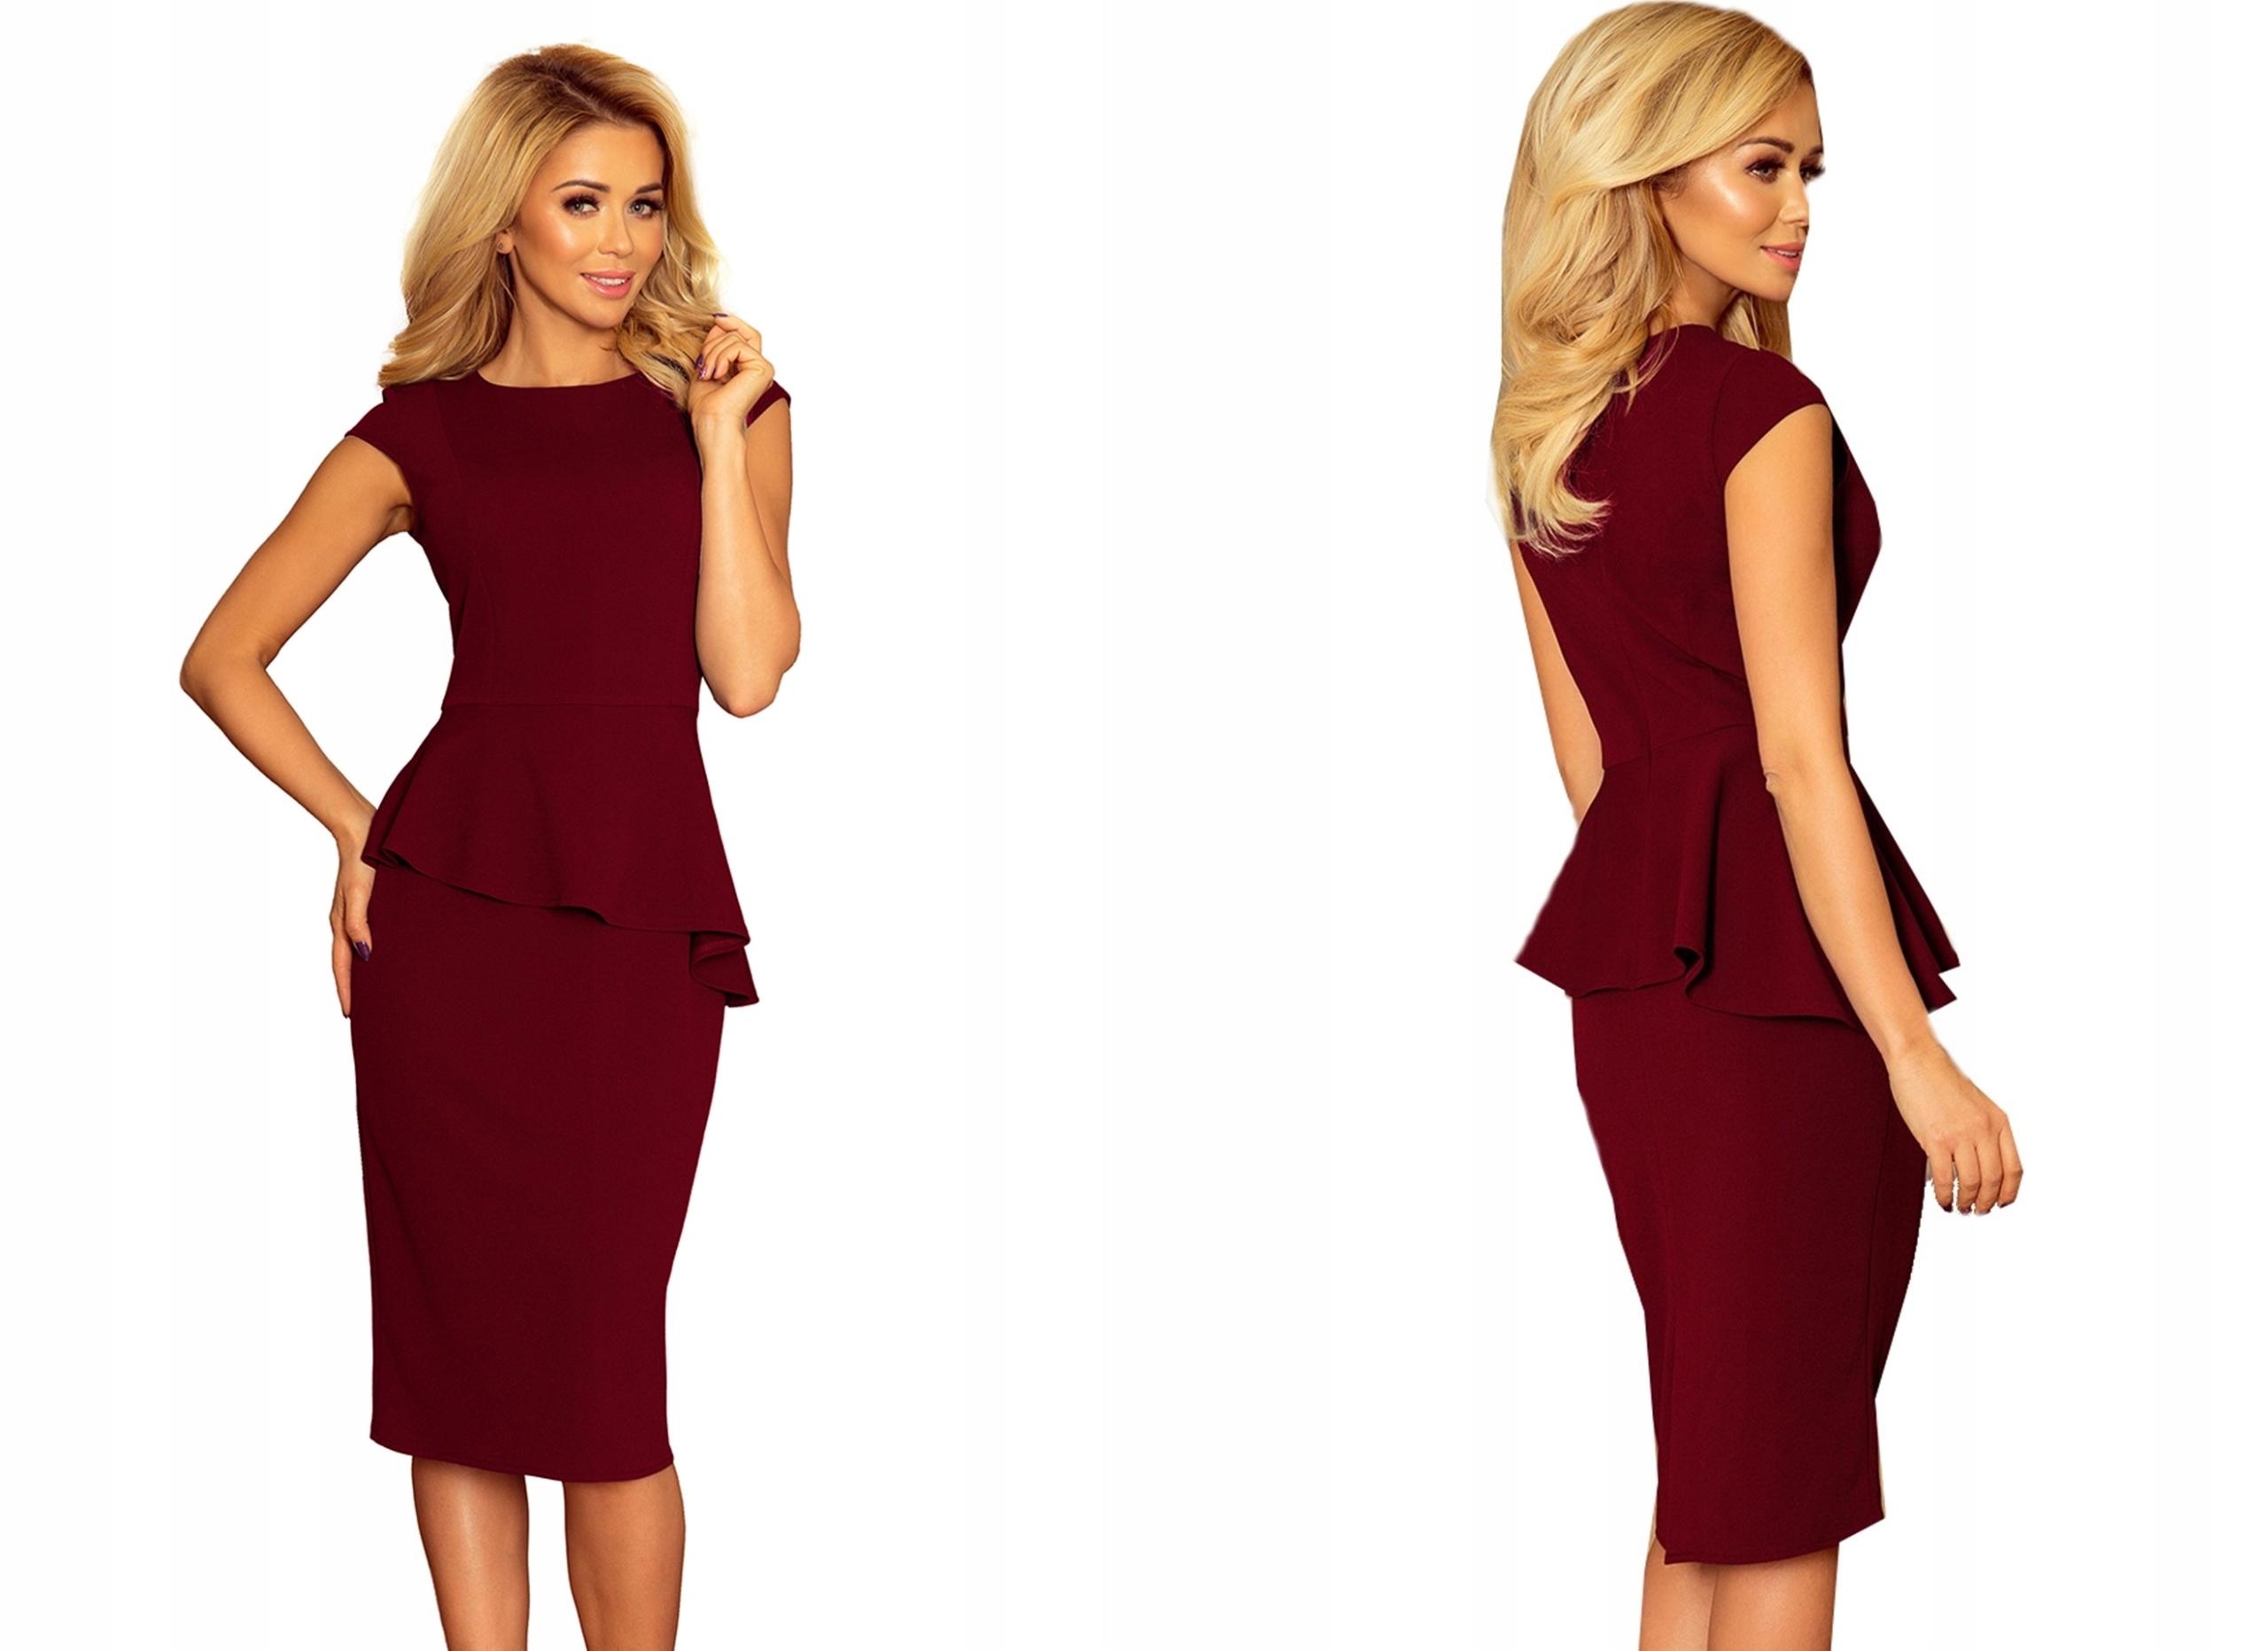 76afdb8e02 OŁÓWKOWA SEXY Sukienka WIECZOROWA midi 192-6 M 38 7581107491 - Allegro.pl